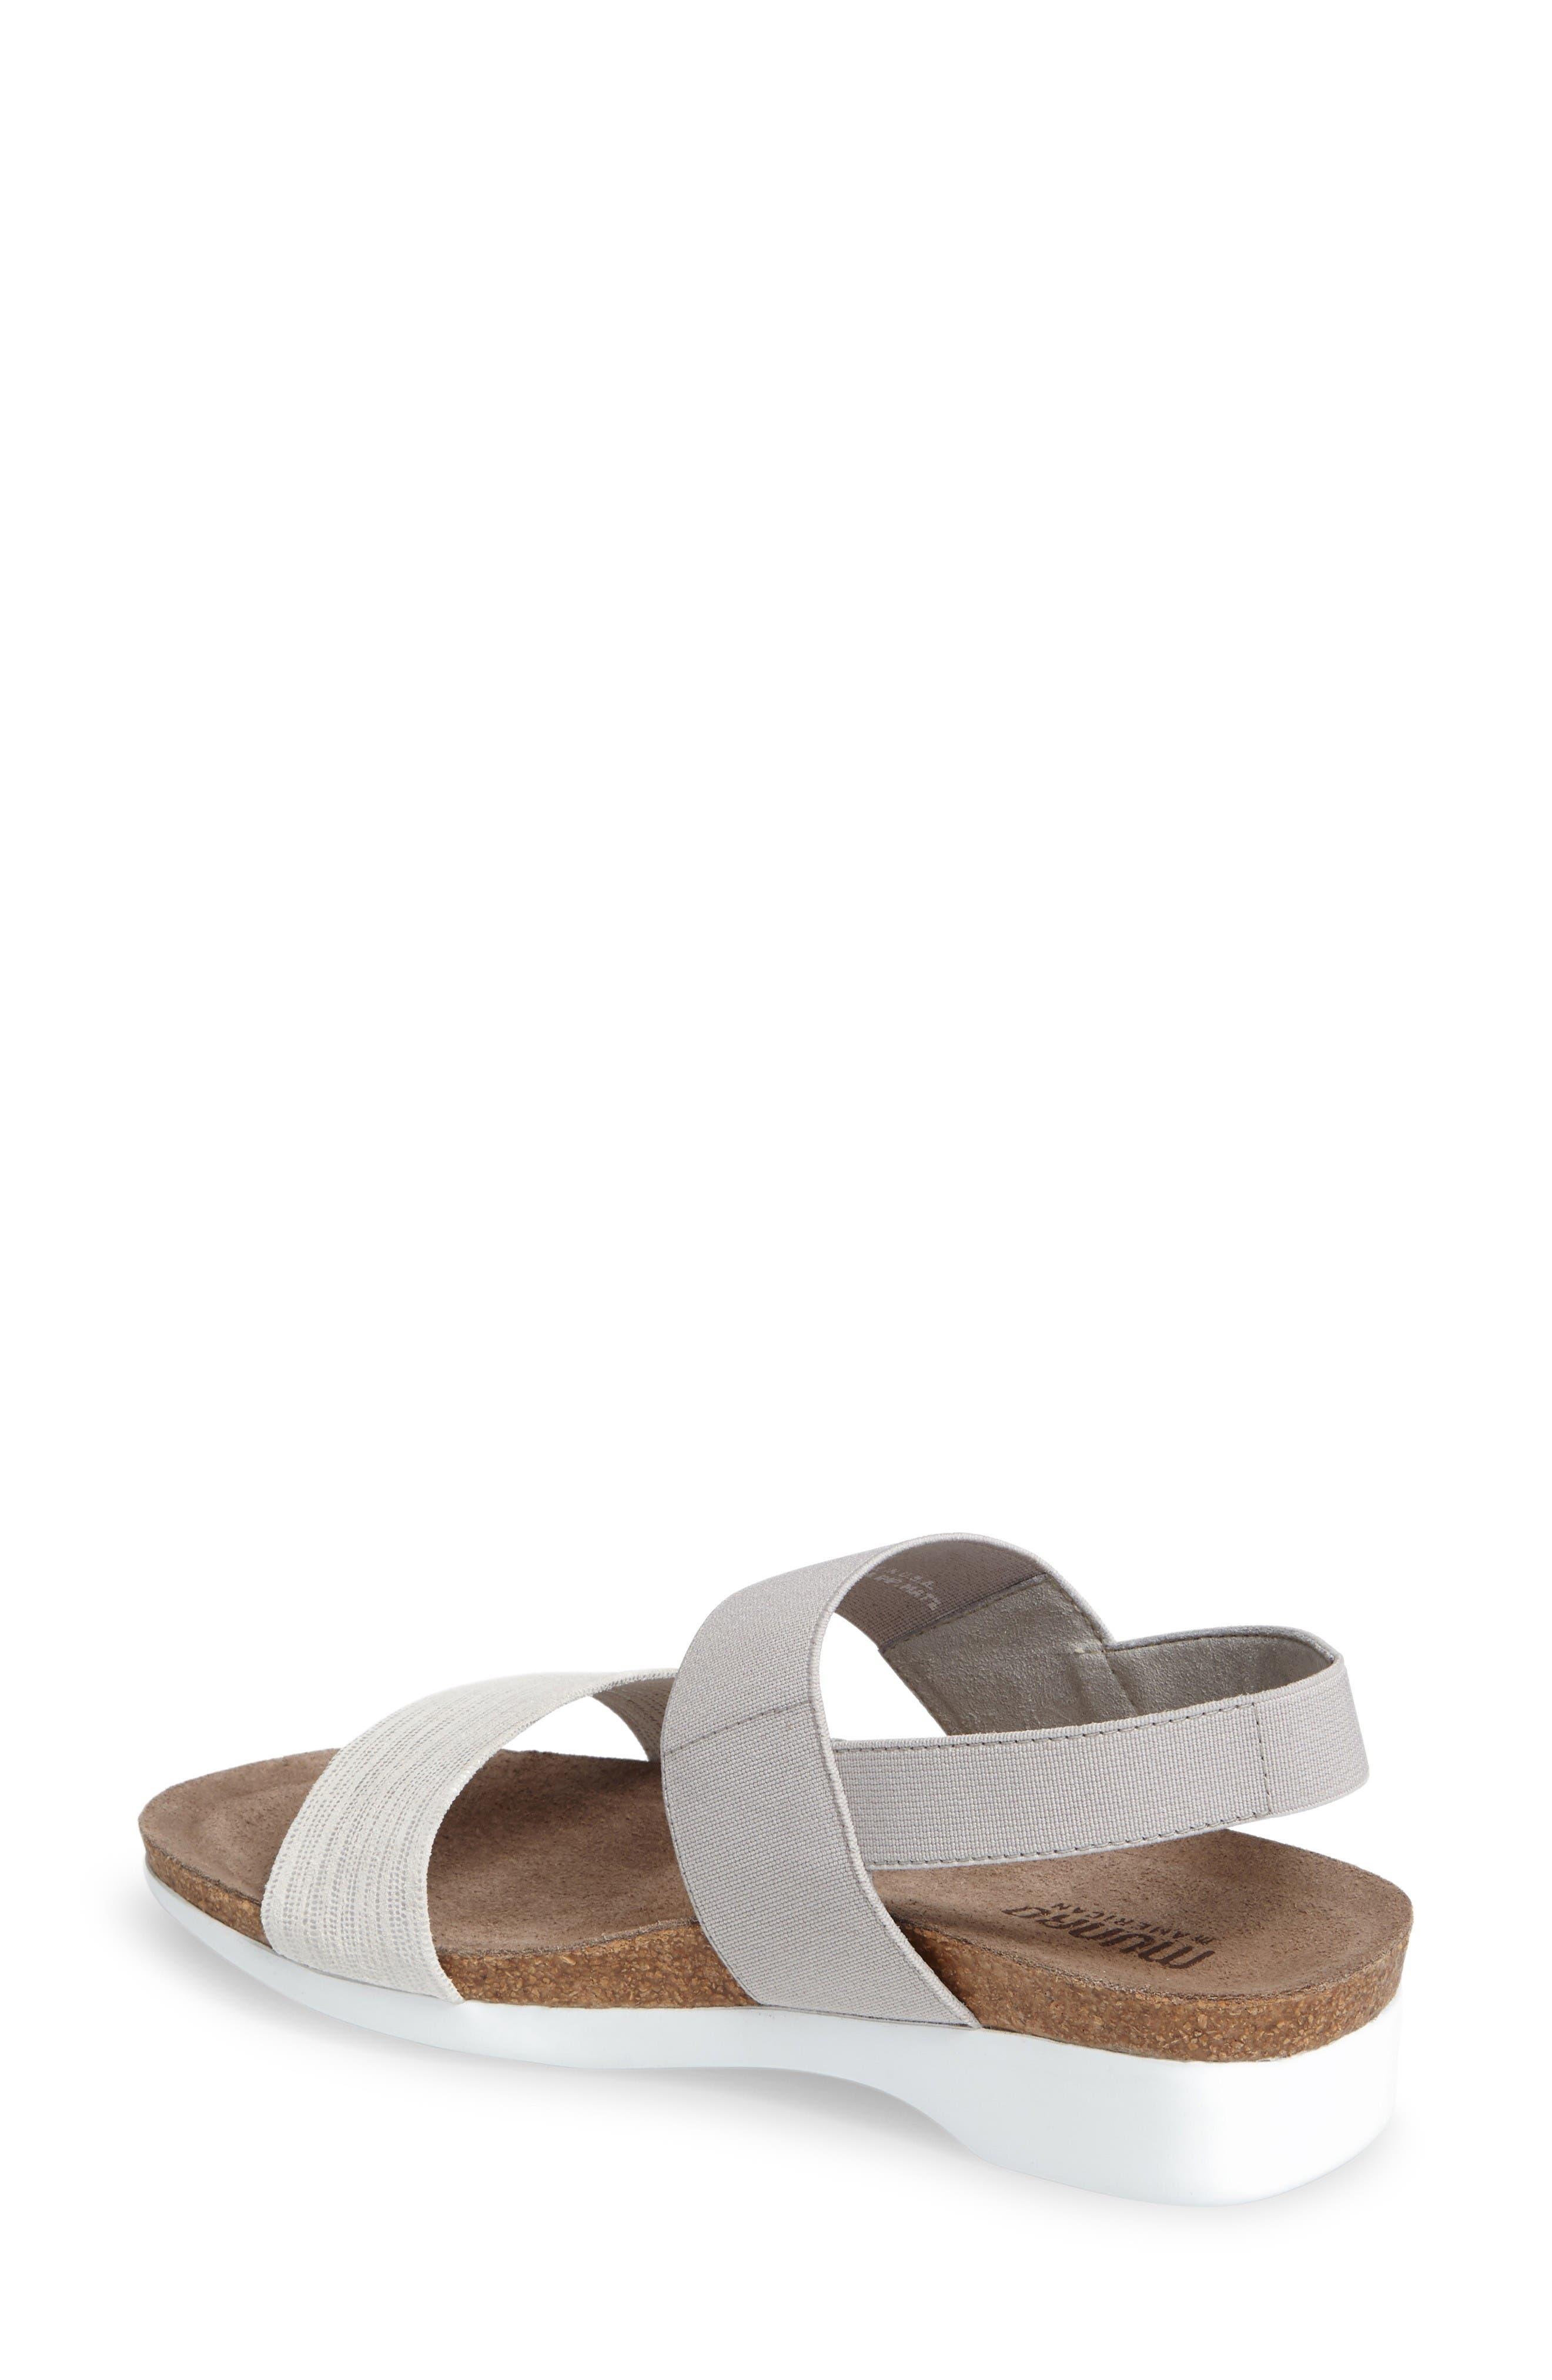 Alternate Image 2  - Munro 'Pisces' Sandal